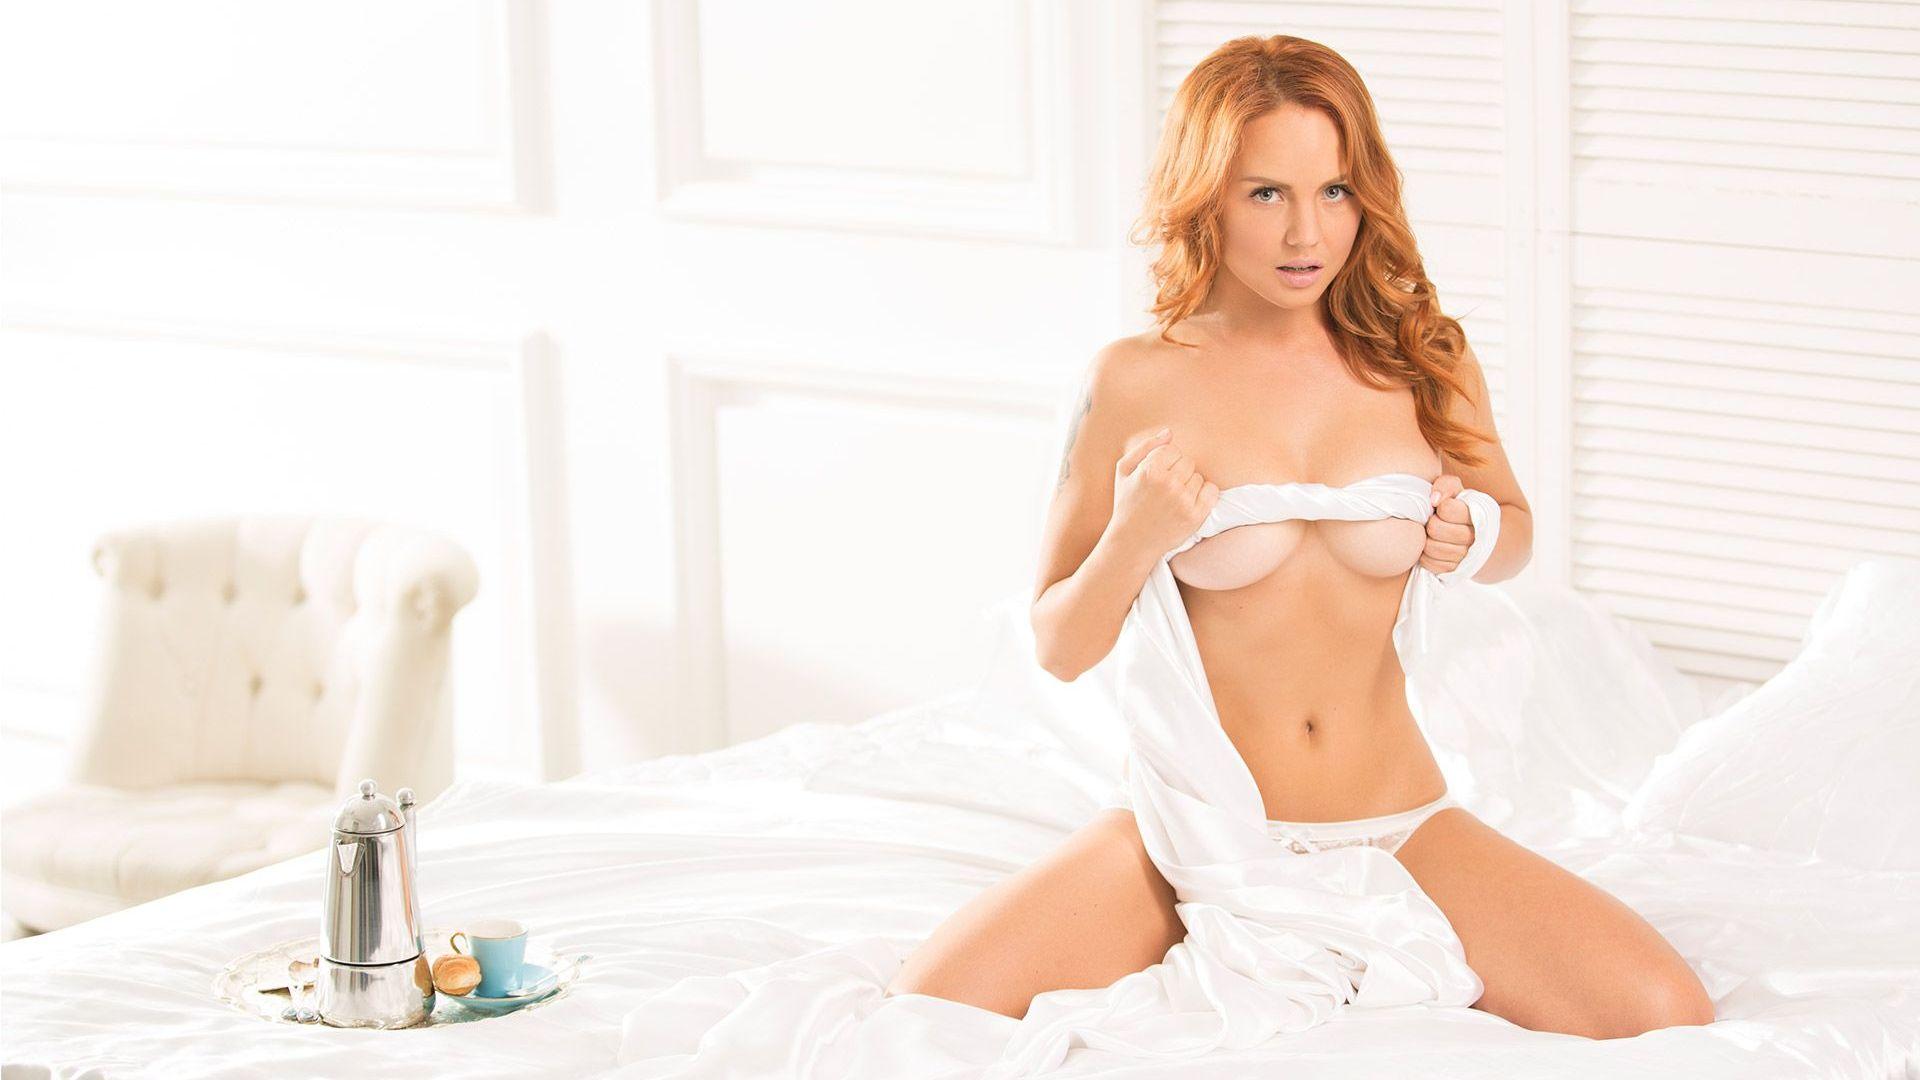 Фото 30 лет женщине голя еротикаси 19 фотография